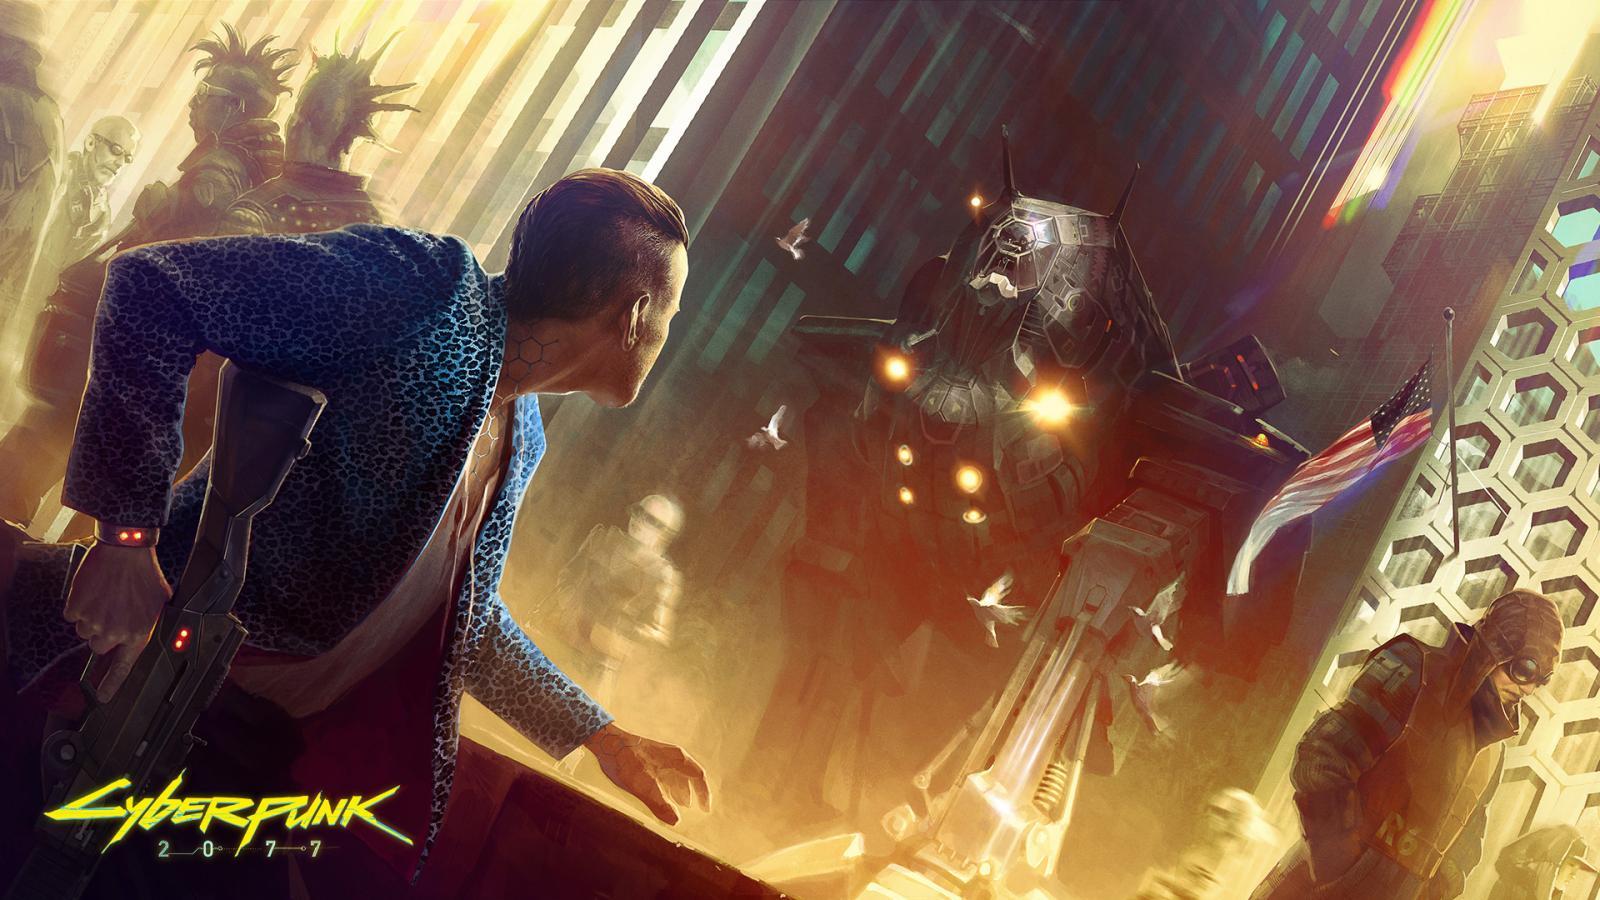 《赛博朋客2077》由波兰国家队CS电竞选手监督射击手感 游戏结局不如人愿